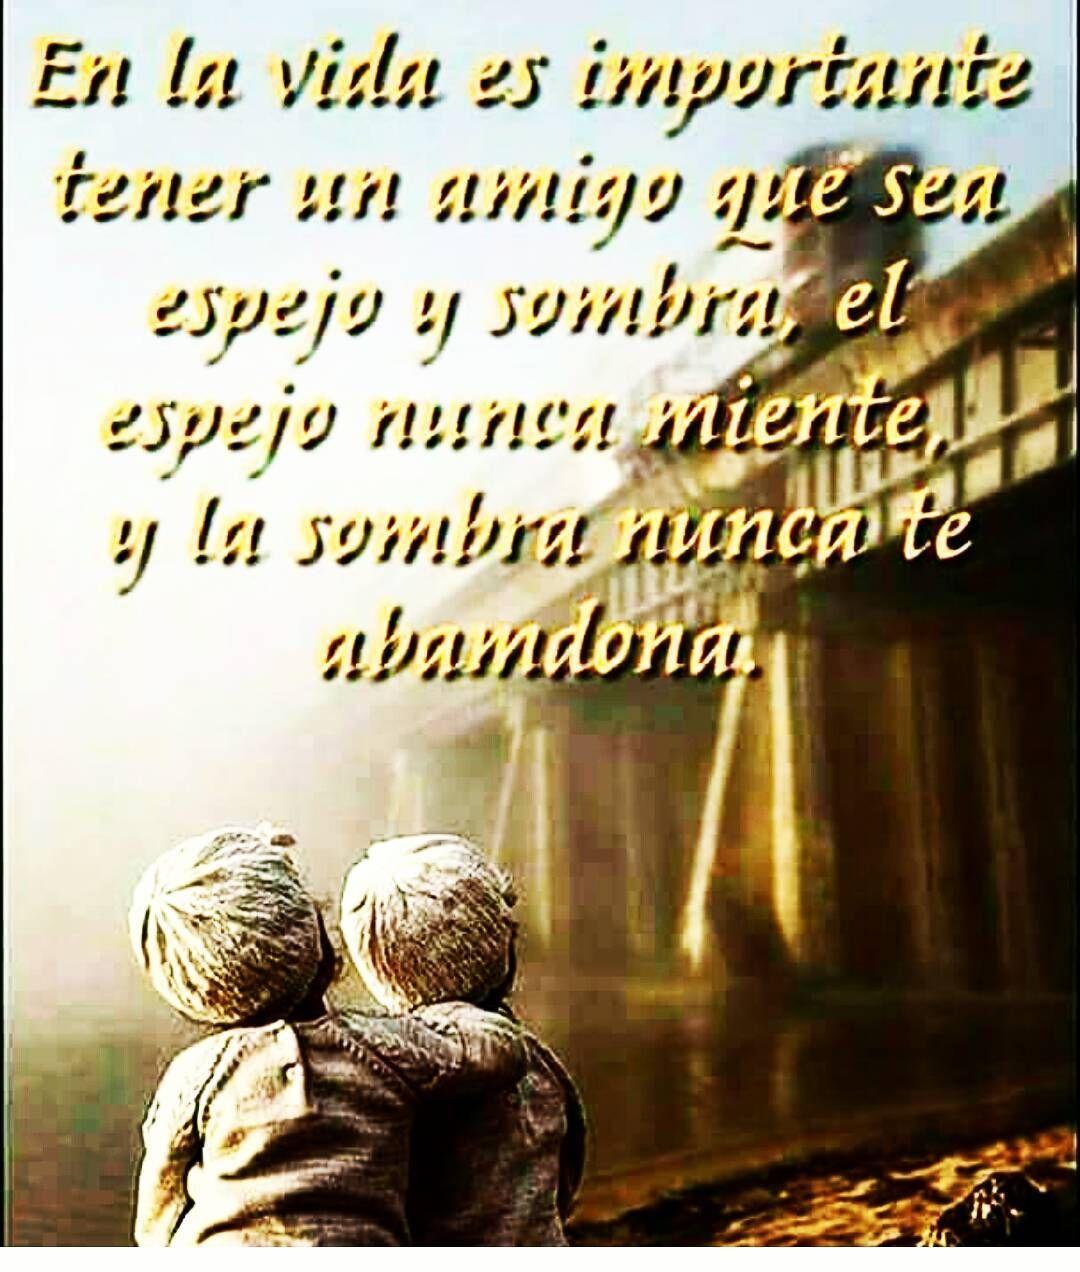 Amigo Sombra Y Espejo Frases De Amistad Citas Frases Y